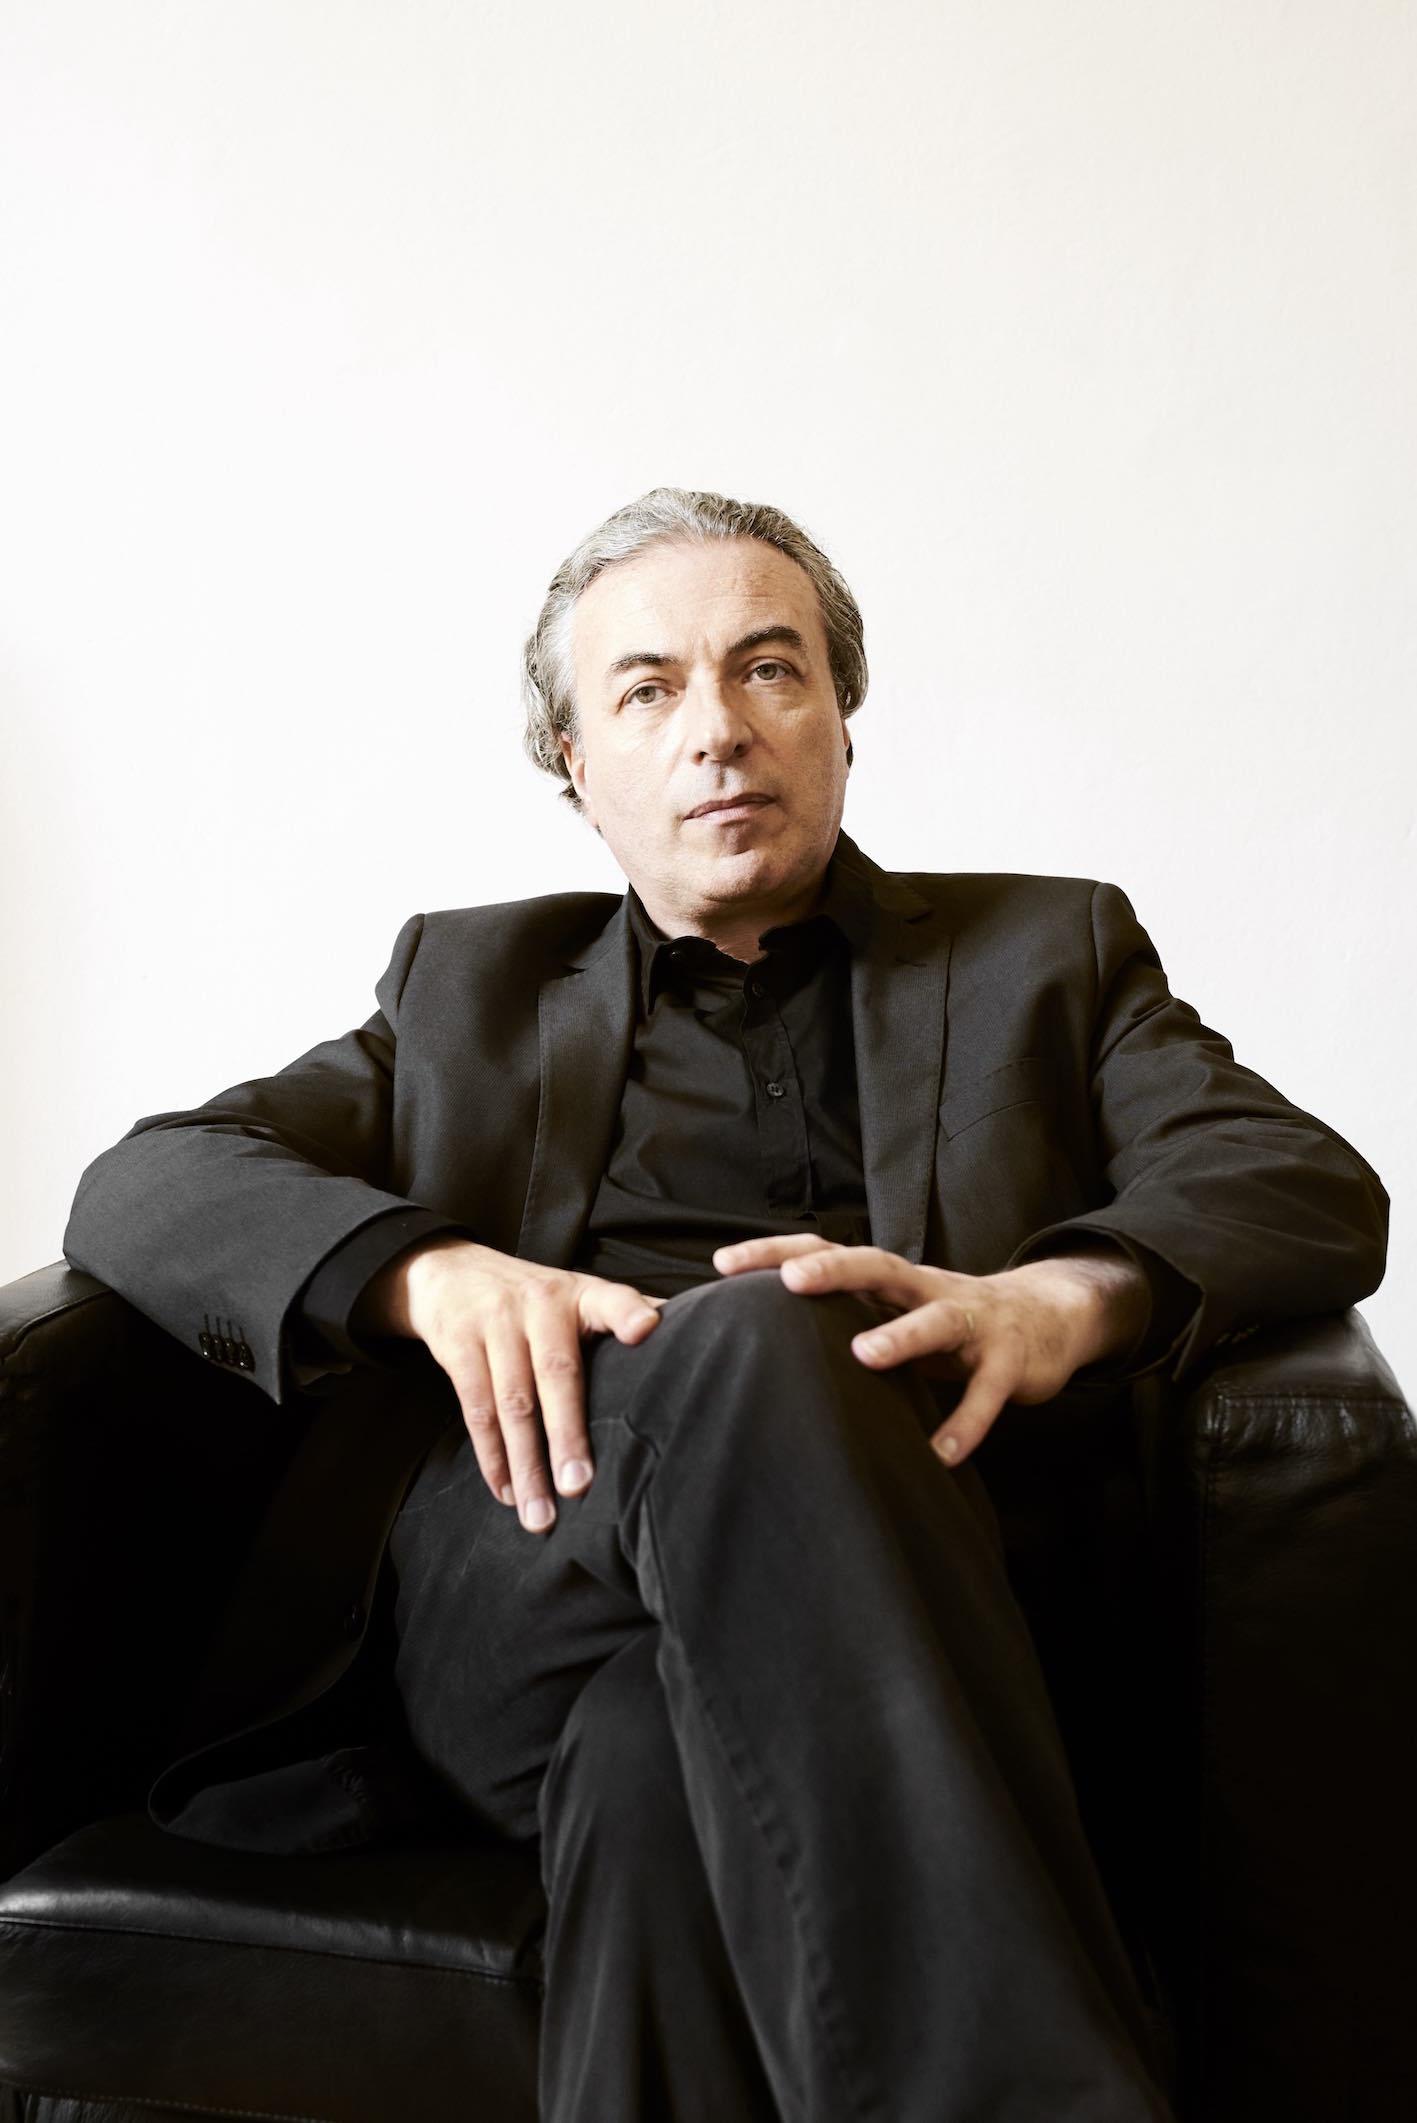 ALBERTO CAPRIOLI, PHOTO GIOVANNI BORTOLANI